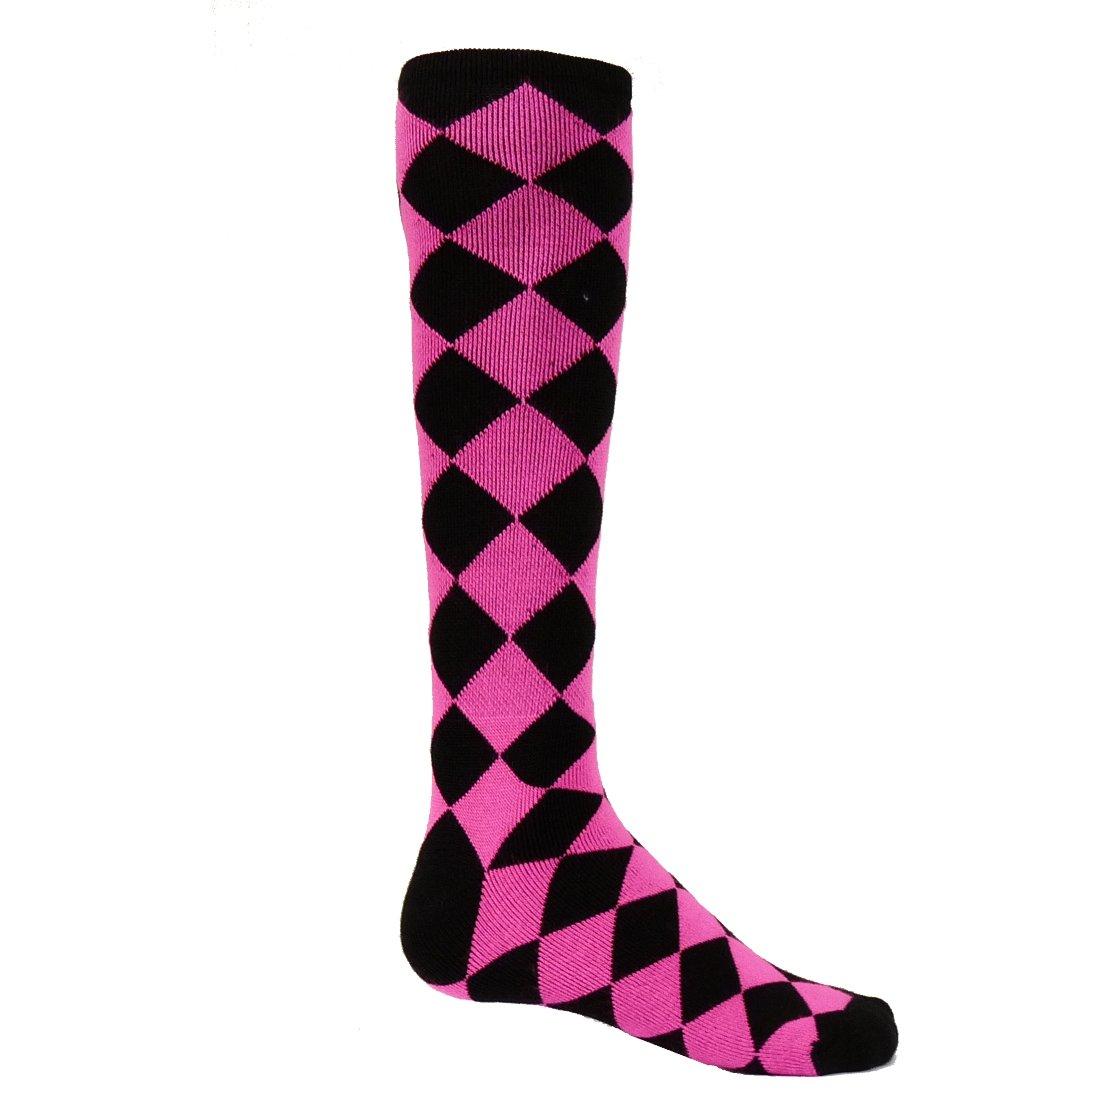 レッドライオンJesterアクリルアスレチックソックス B008GNPMLU Small Black / Neon Pink Black / Neon Pink Small